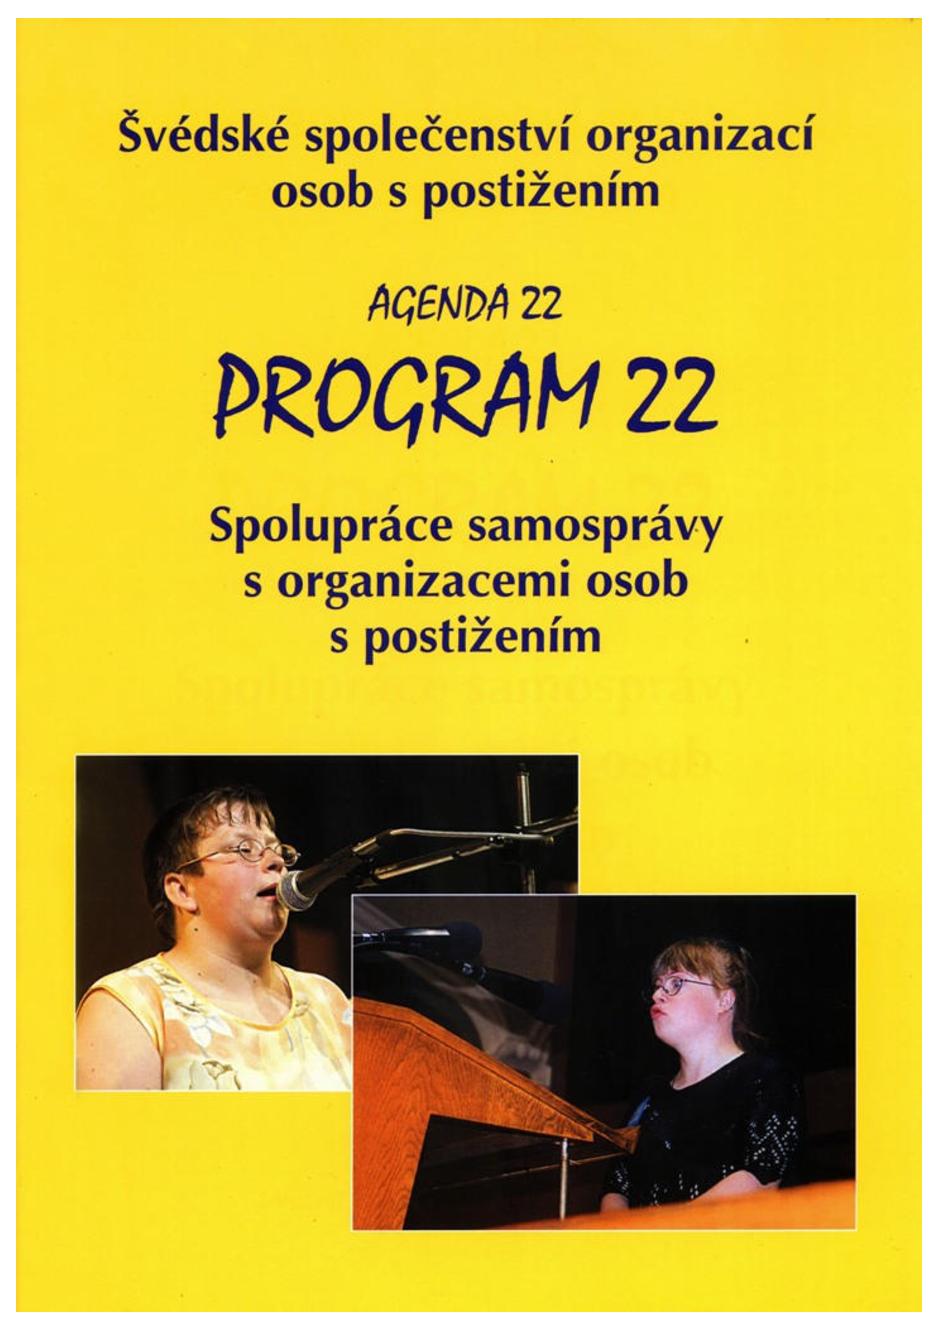 Program 22 – Spolupráce samosprávy s organizacemi osob s postižením